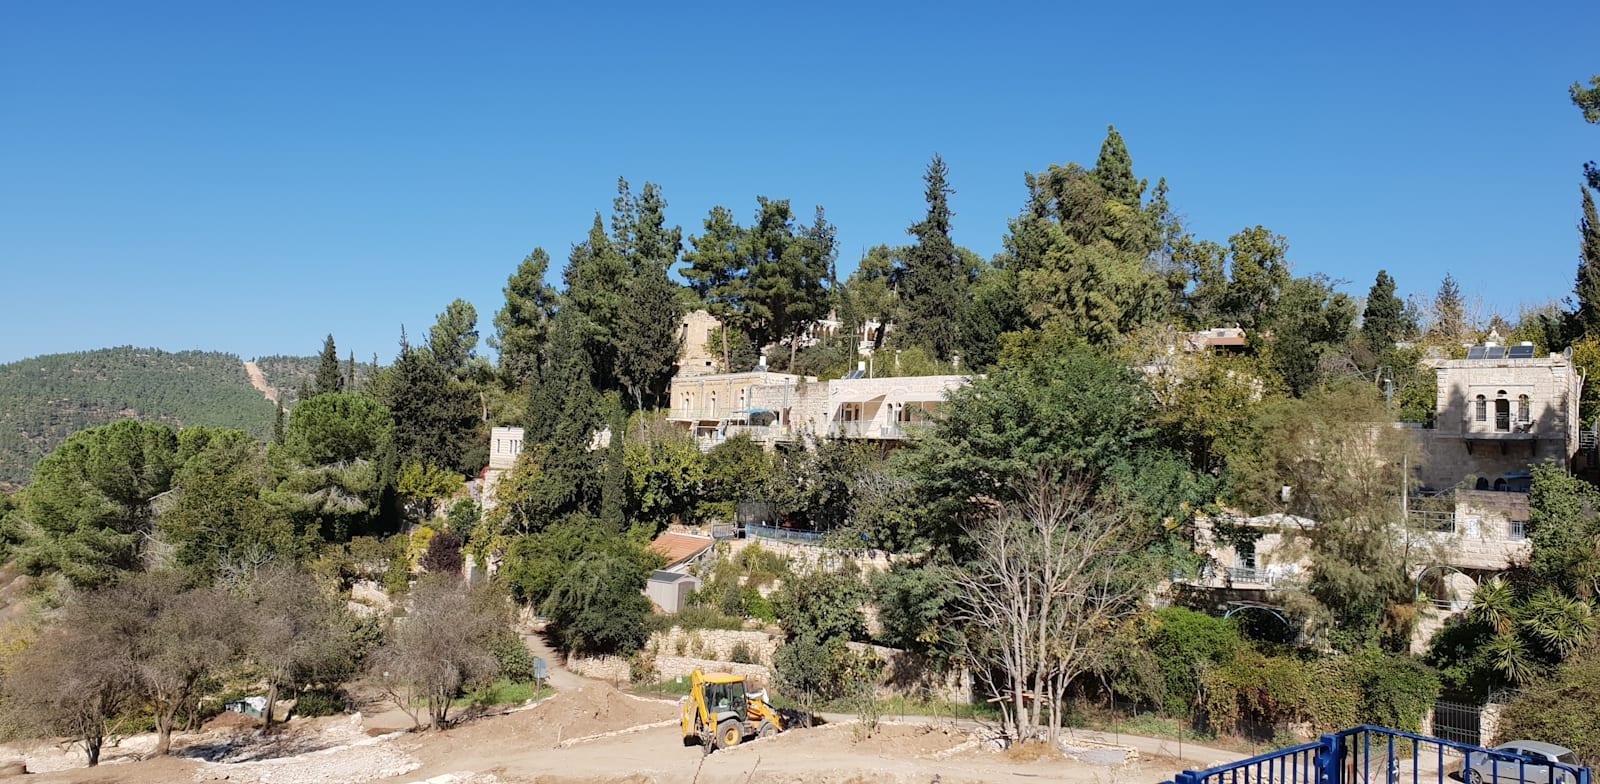 שכונת עין-כרם בירושלים / צילום: אביבה גנצר